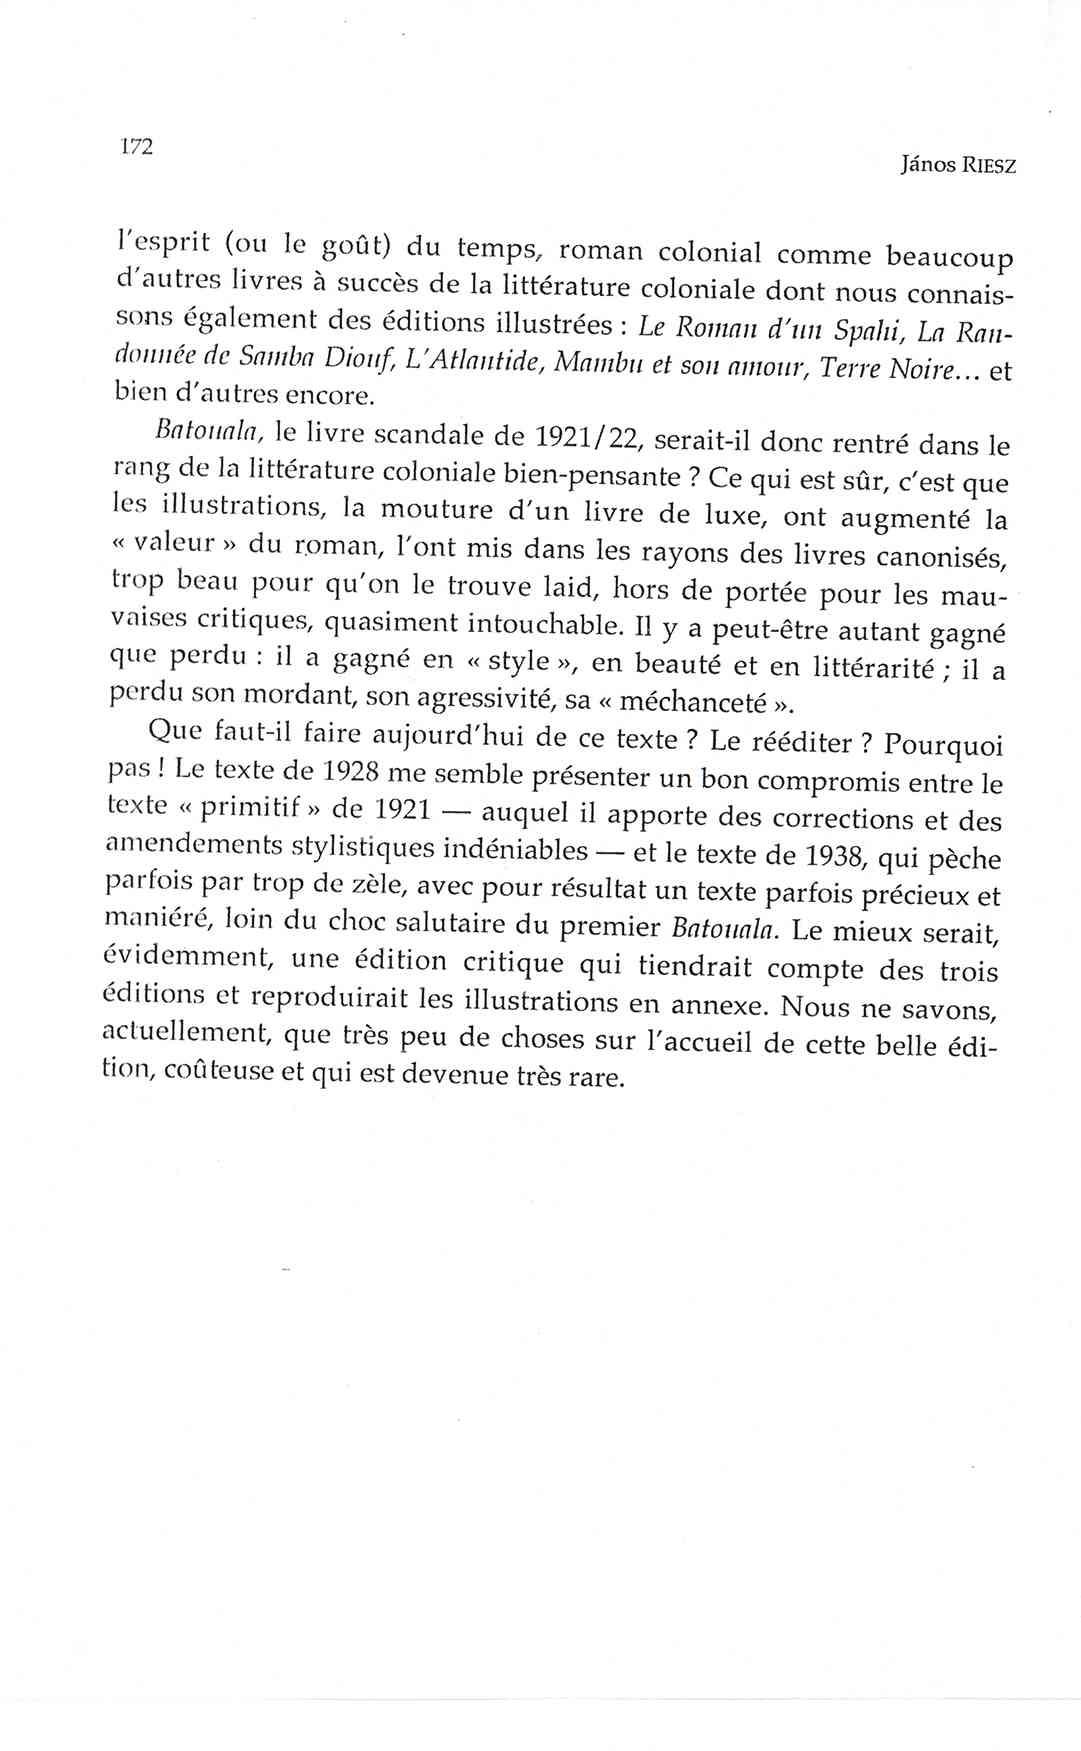 Page 172 Fin, René Maran